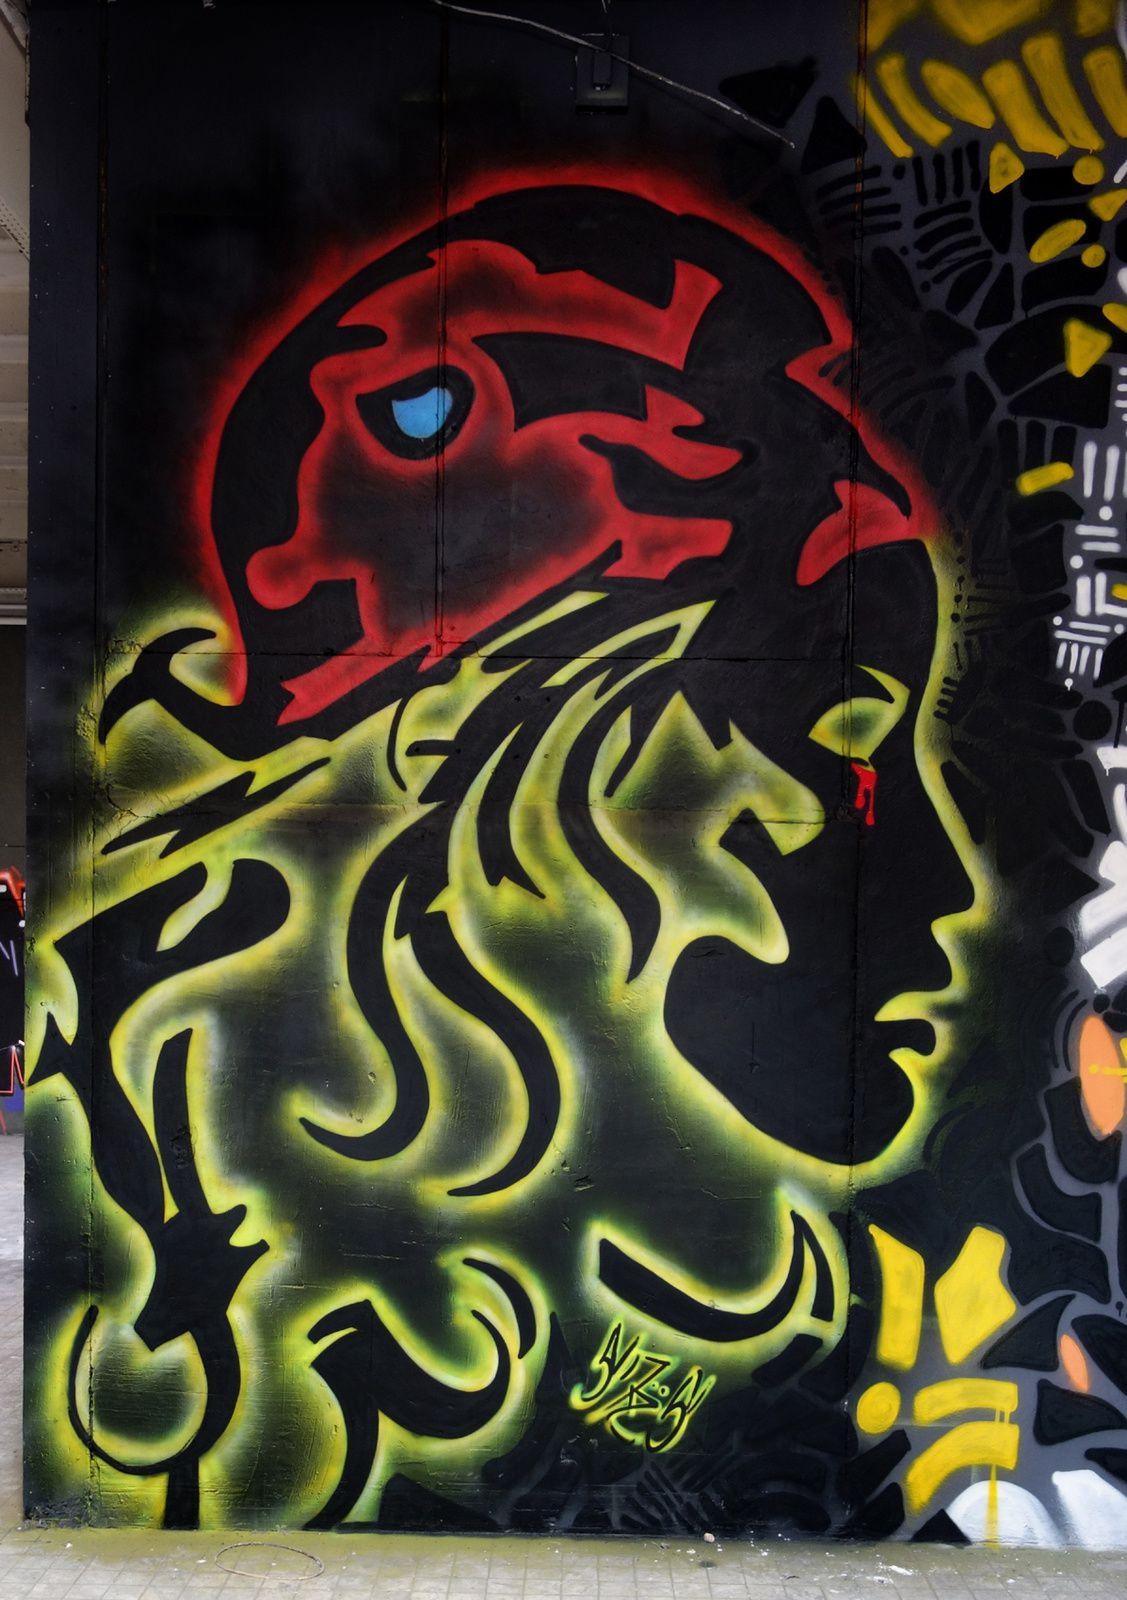 Street Art : Graffitis & Fresques Murales 24557 Trelissac